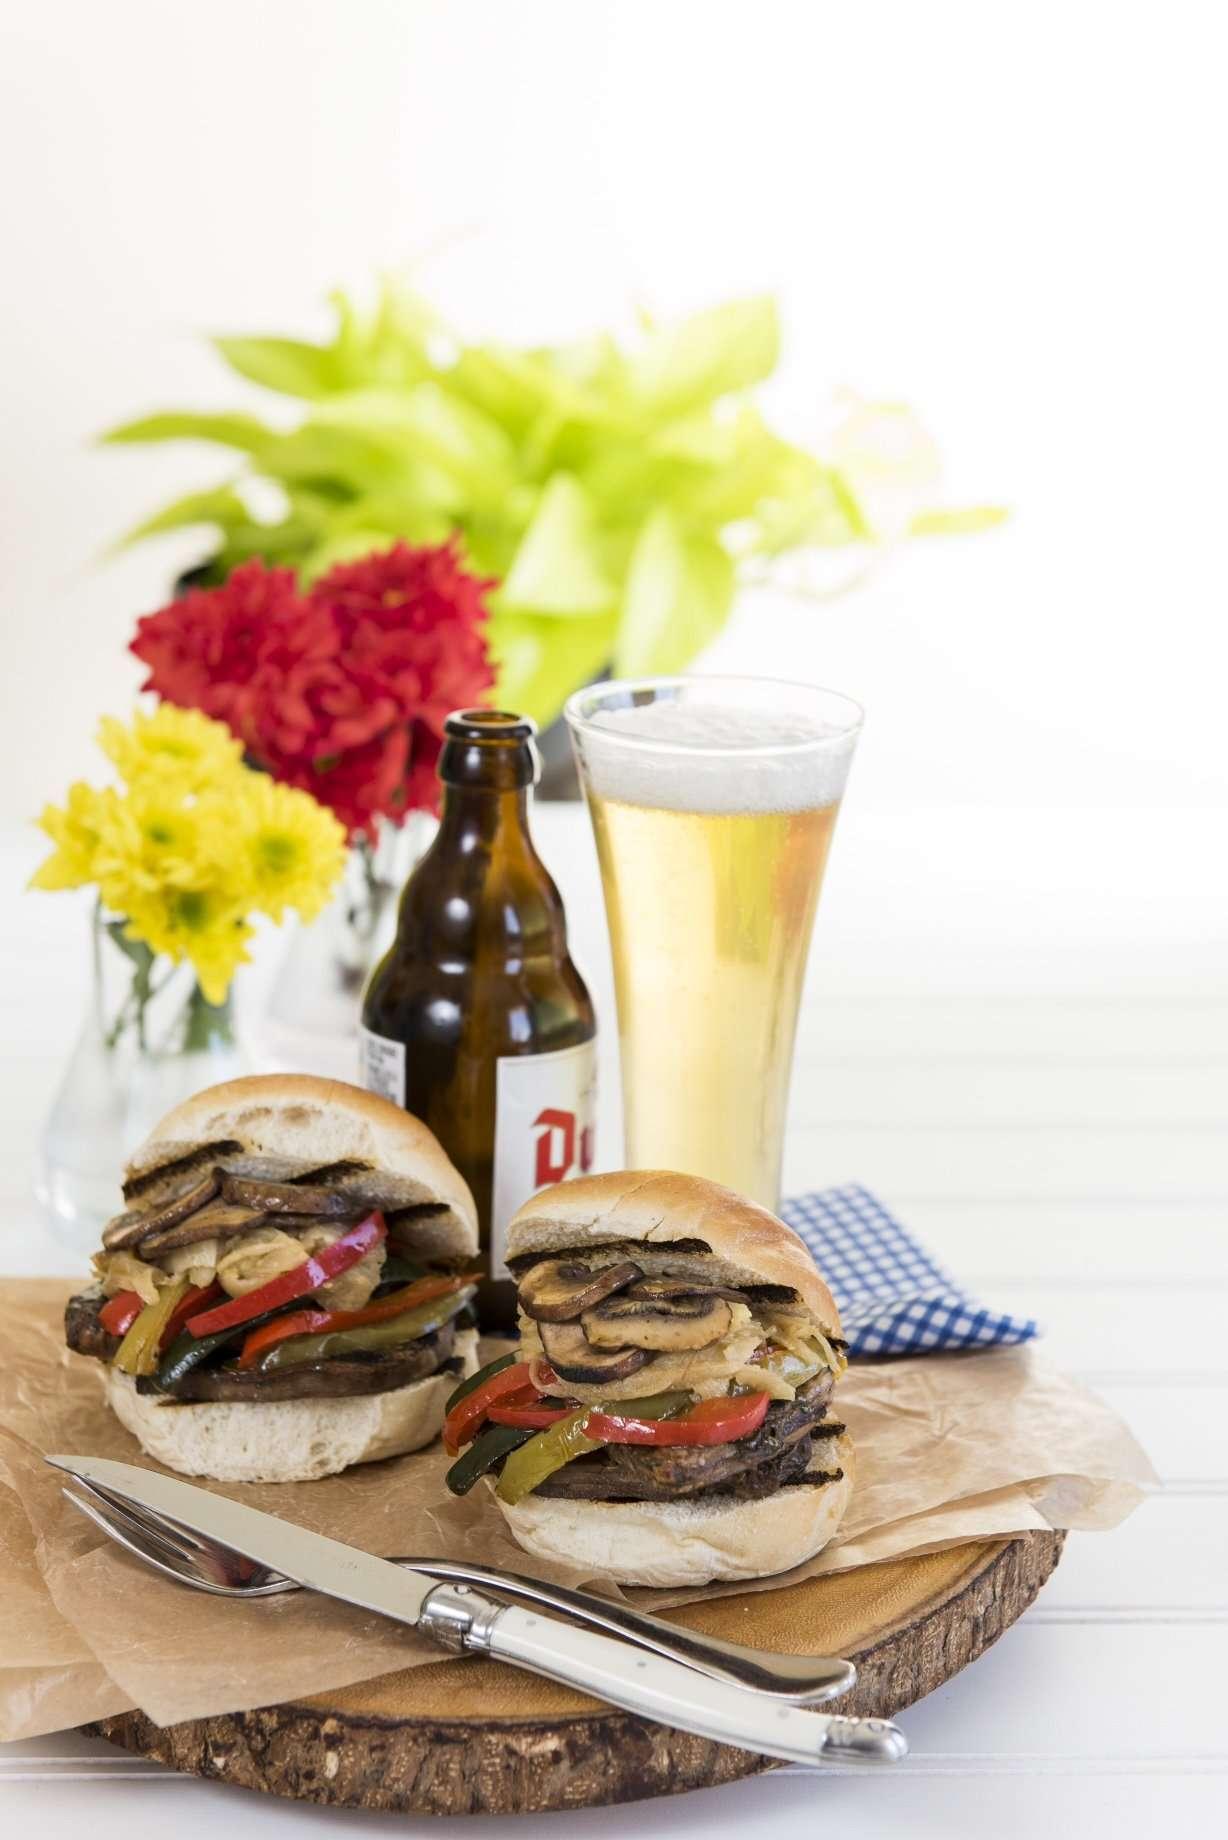 Grilled Antipasto Platter + Marinated Steak Sliders + Potato salad /w Bacon & Grainy Mustard